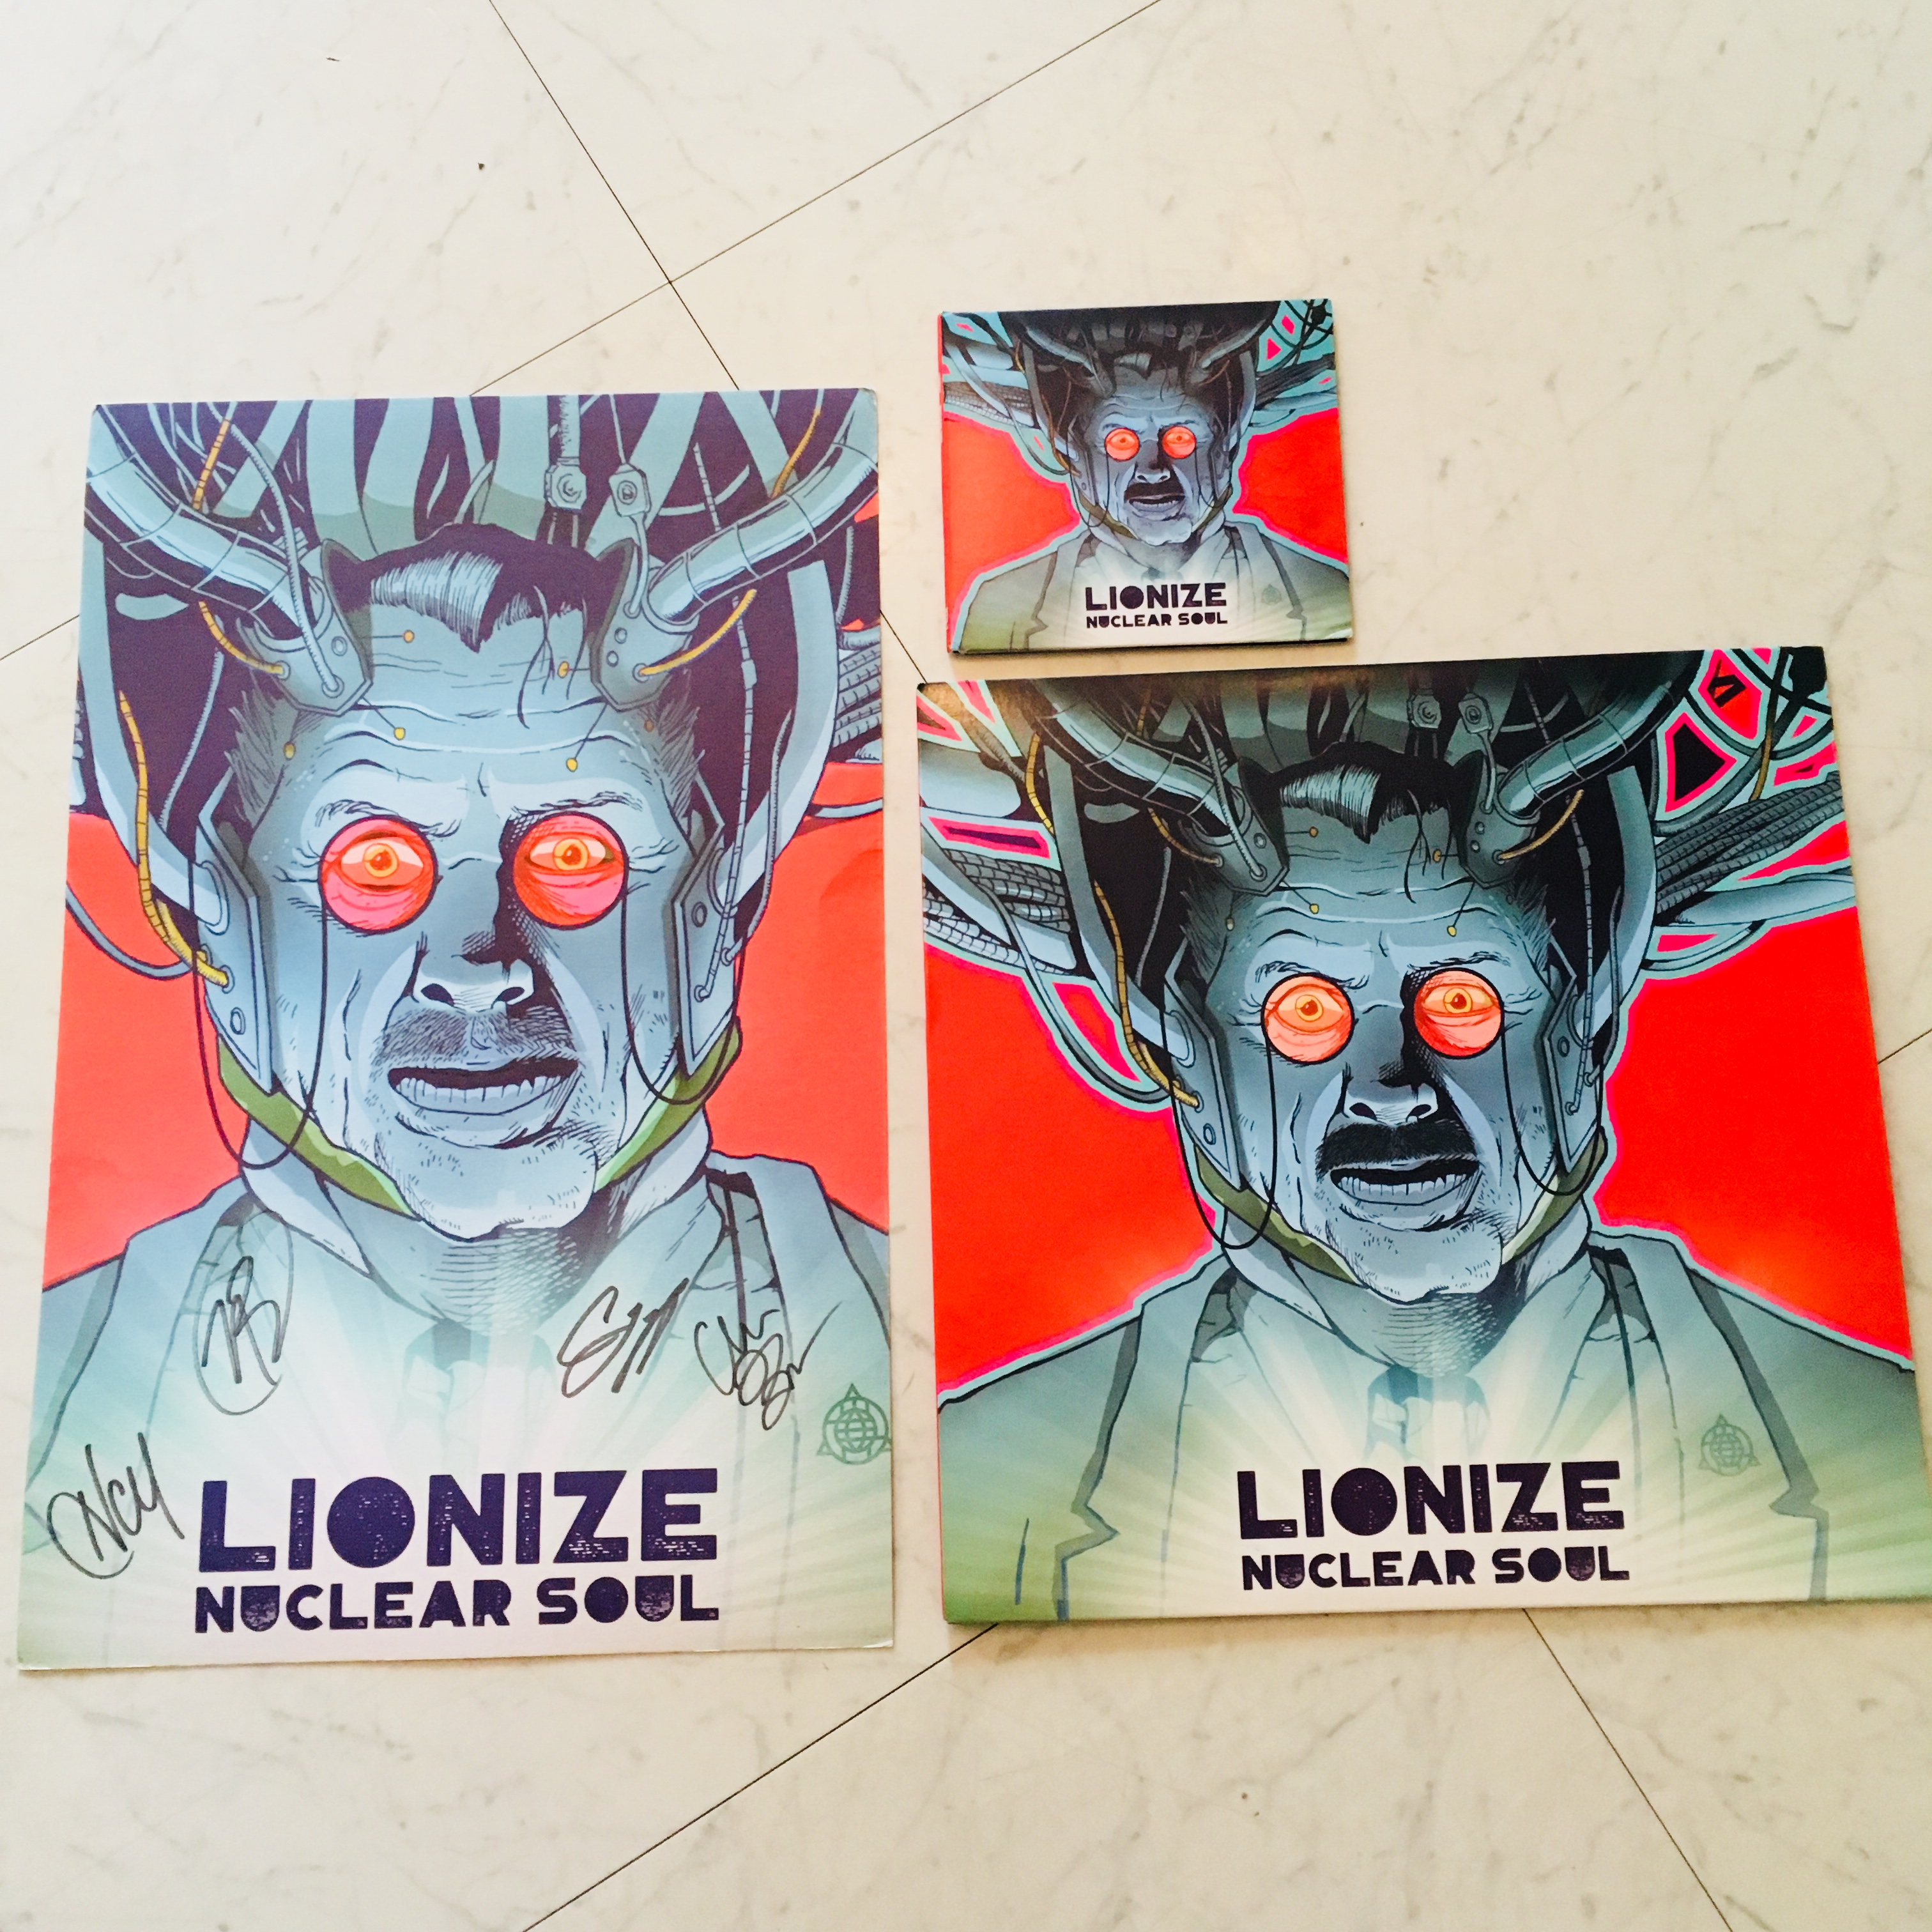 LIONIZE - Nuclear Soul 入荷!